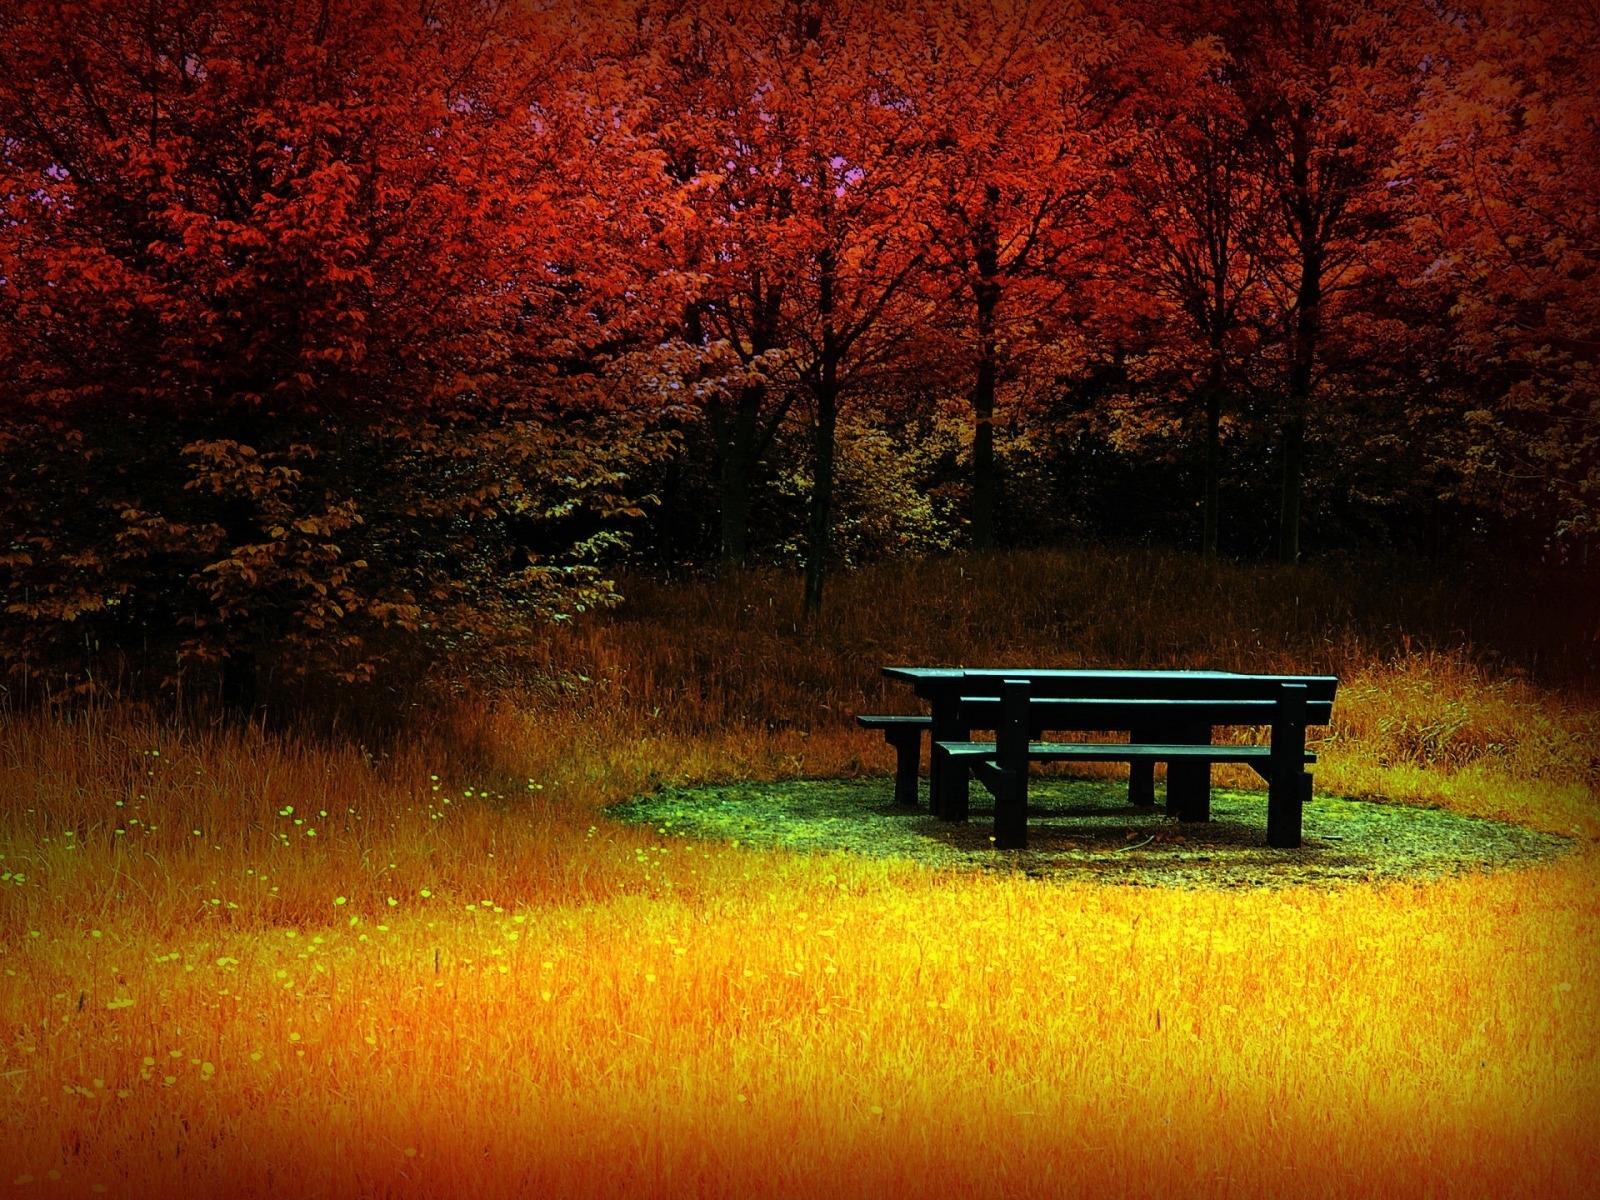 1528 Hintergrundbild herunterladen Landschaft, Bäume, Herbst, Fotokunst - Bildschirmschoner und Bilder kostenlos